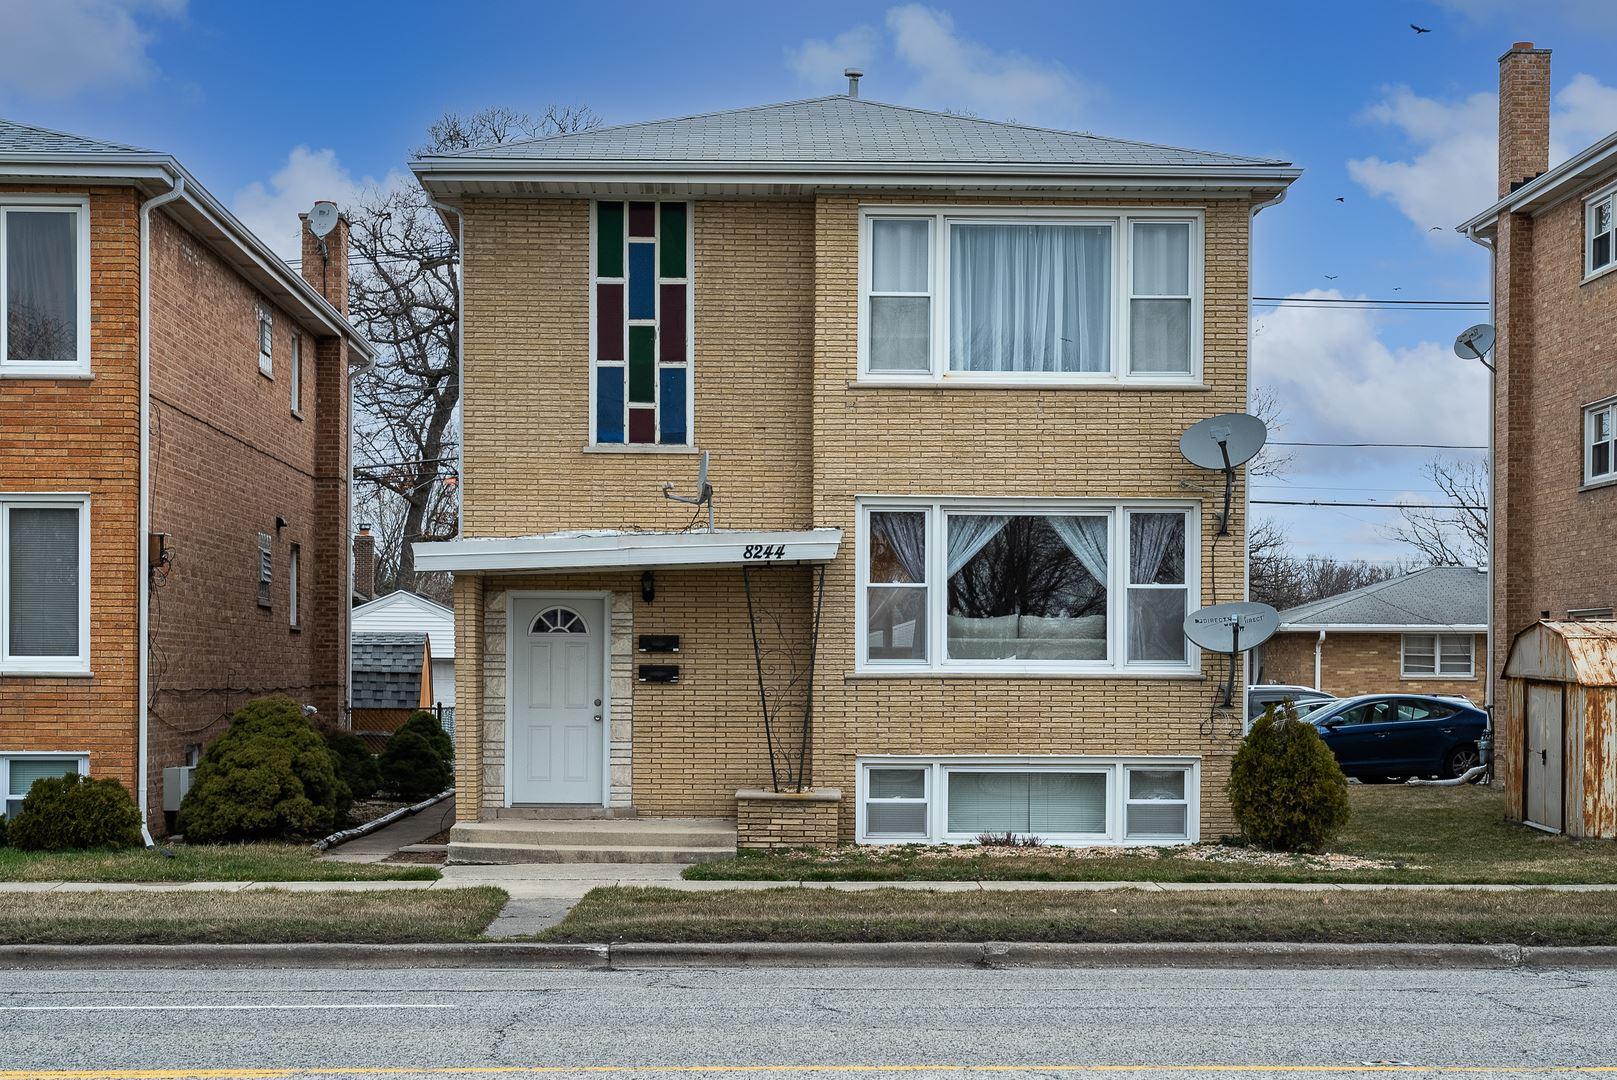 8244 W 95th Street, Hickory Hills, IL 60457 - #: 11015182